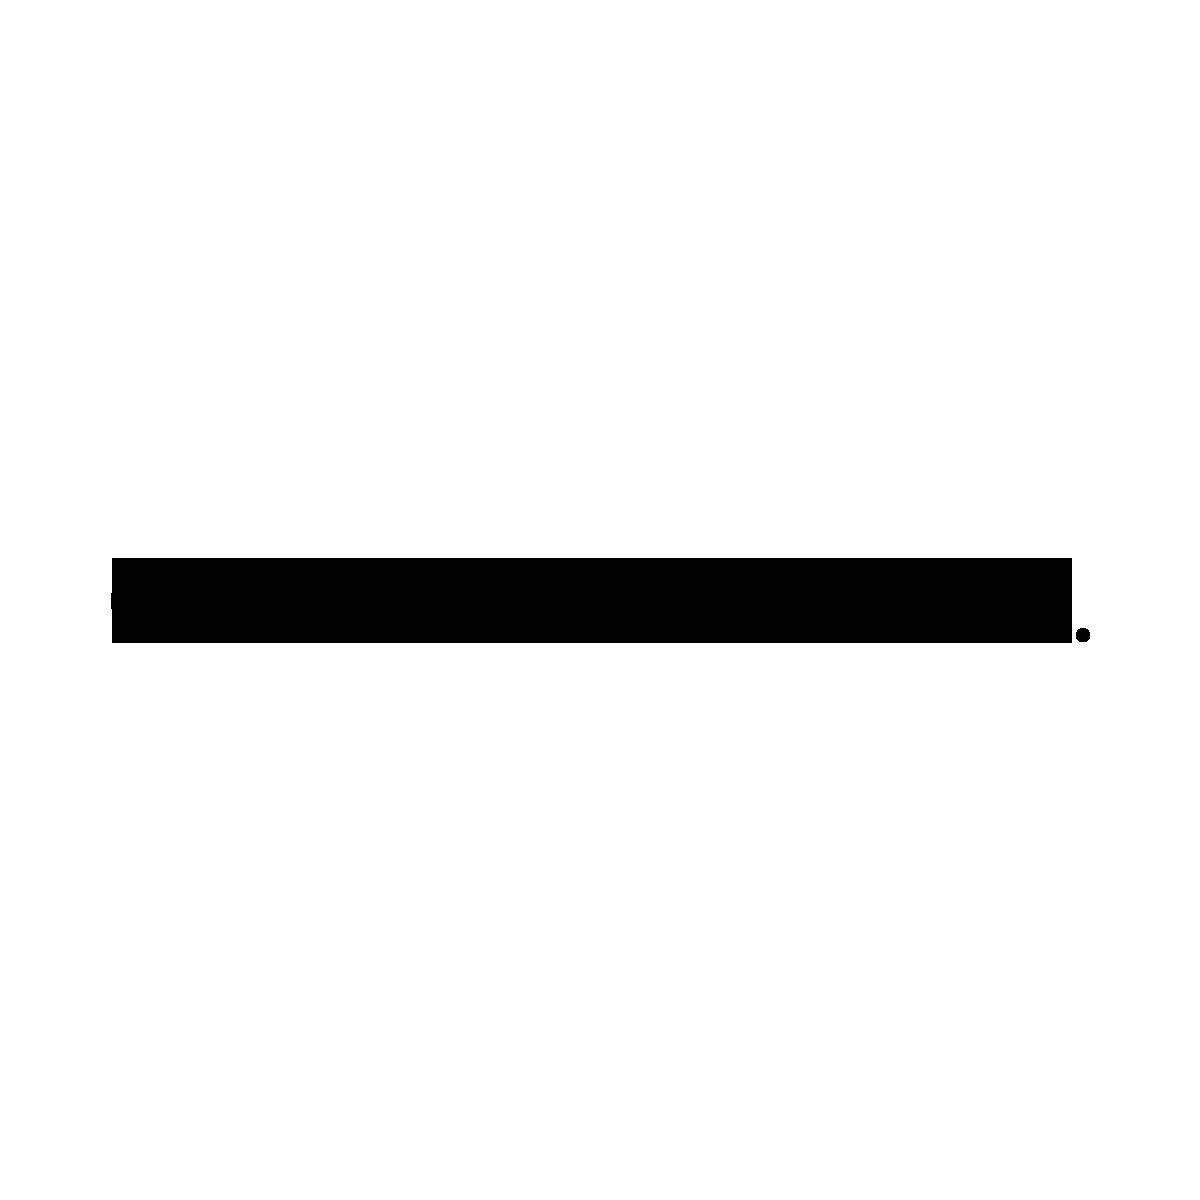 Espadrille-loafer-zijden-taupe